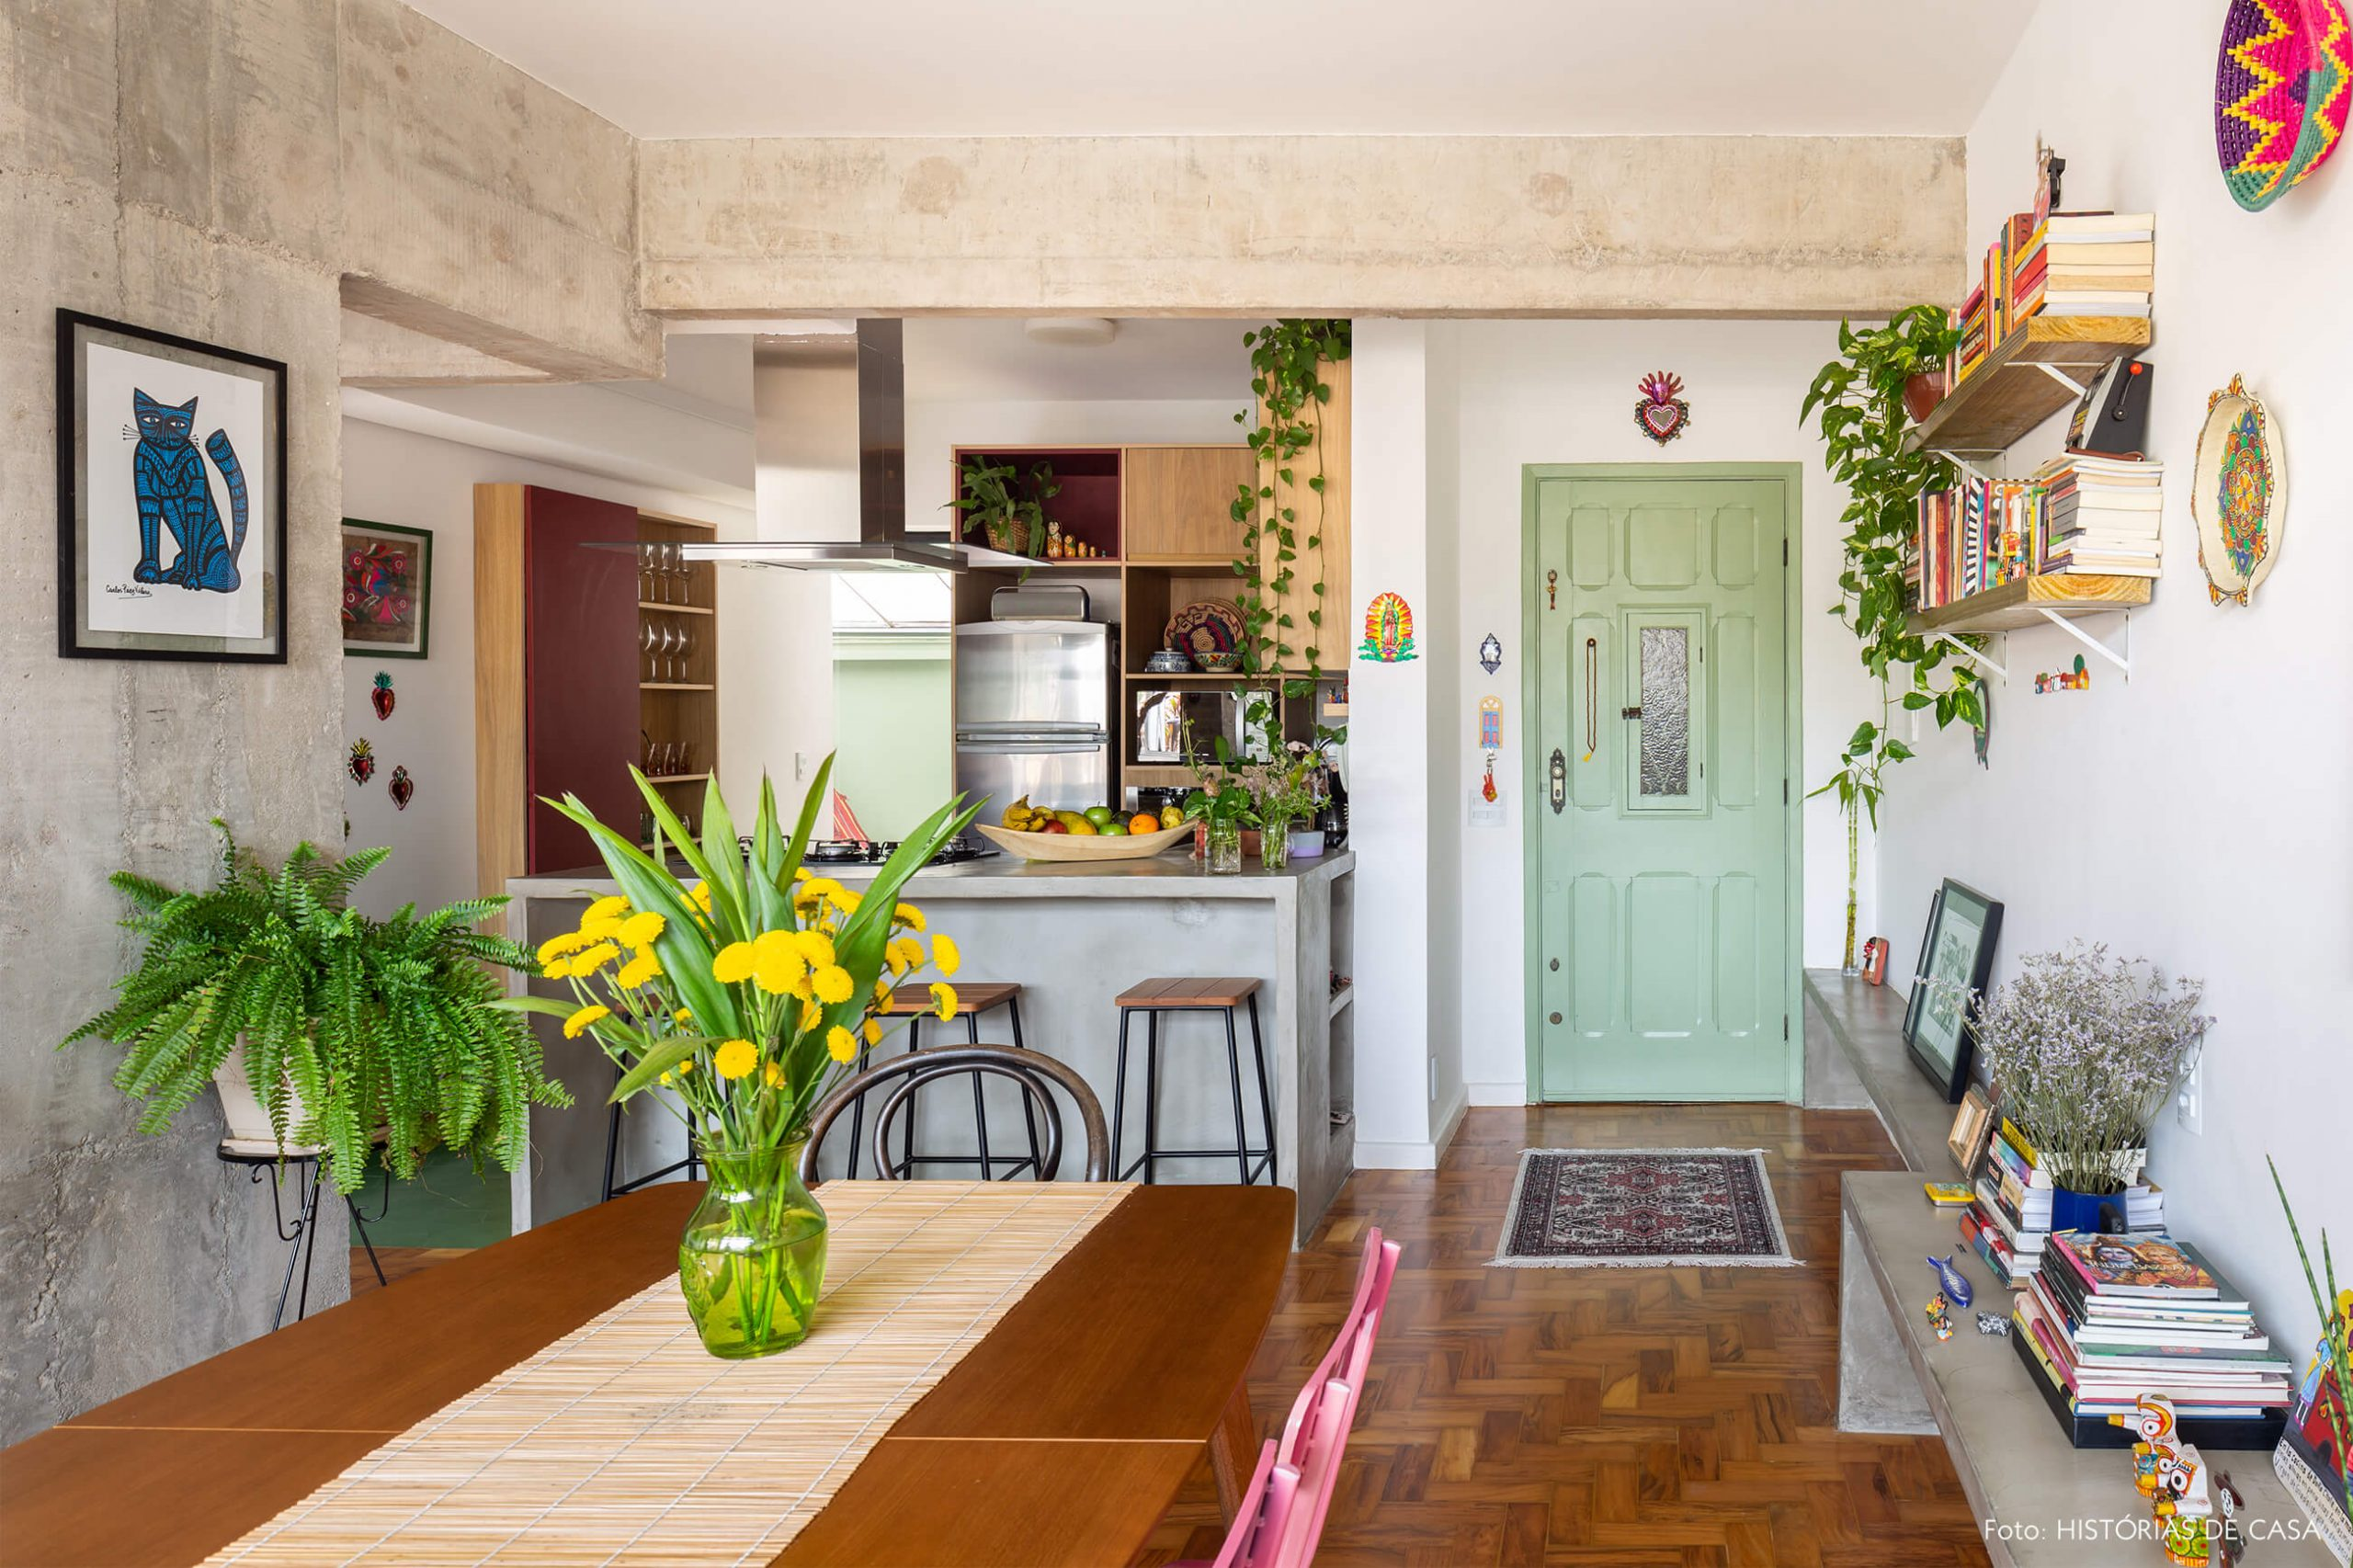 decoração sala jantar com chão e mesa de madeira banco de concreto e porta verde